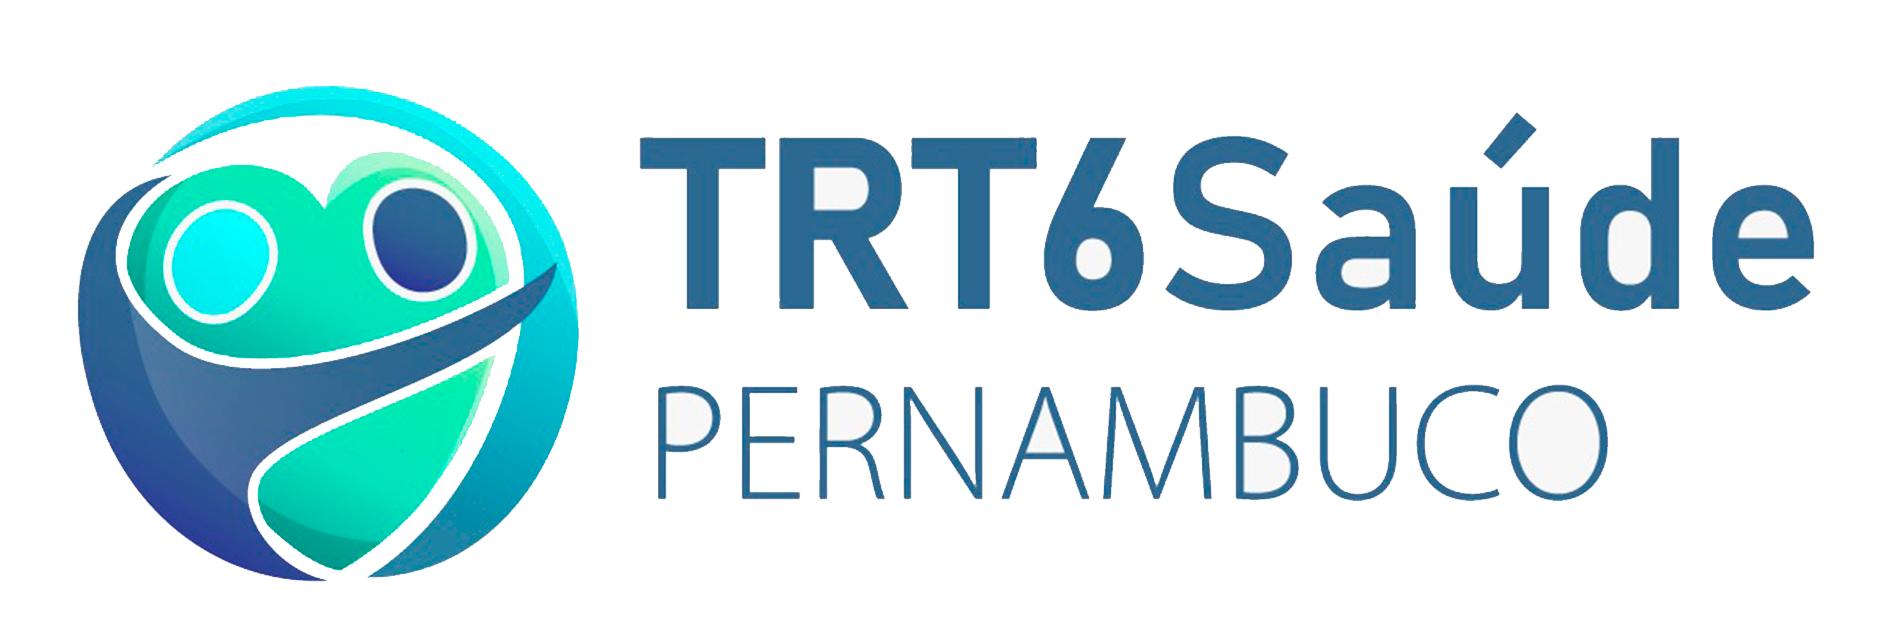 TRT6Saúde Pernambuco